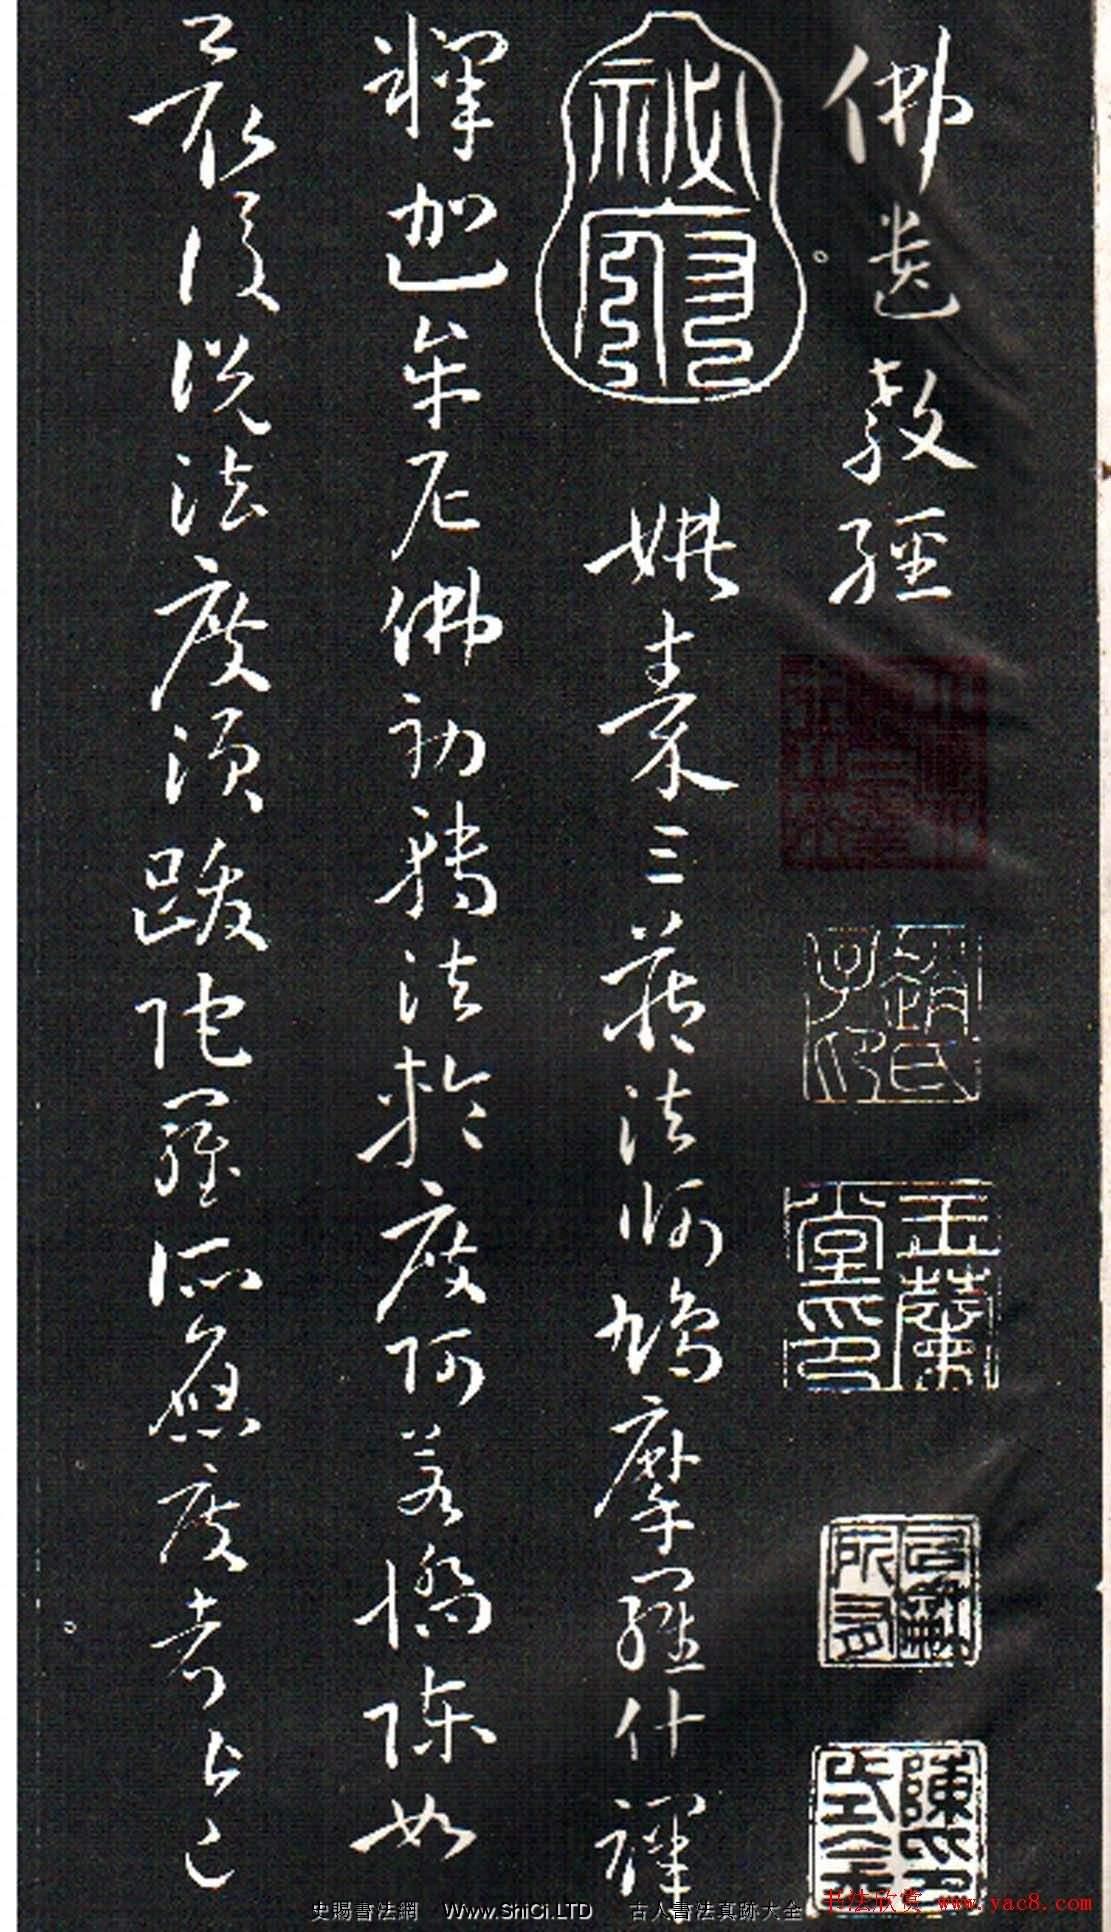 孫過庭草書真跡欣賞《佛遺教經》(共39張圖片)